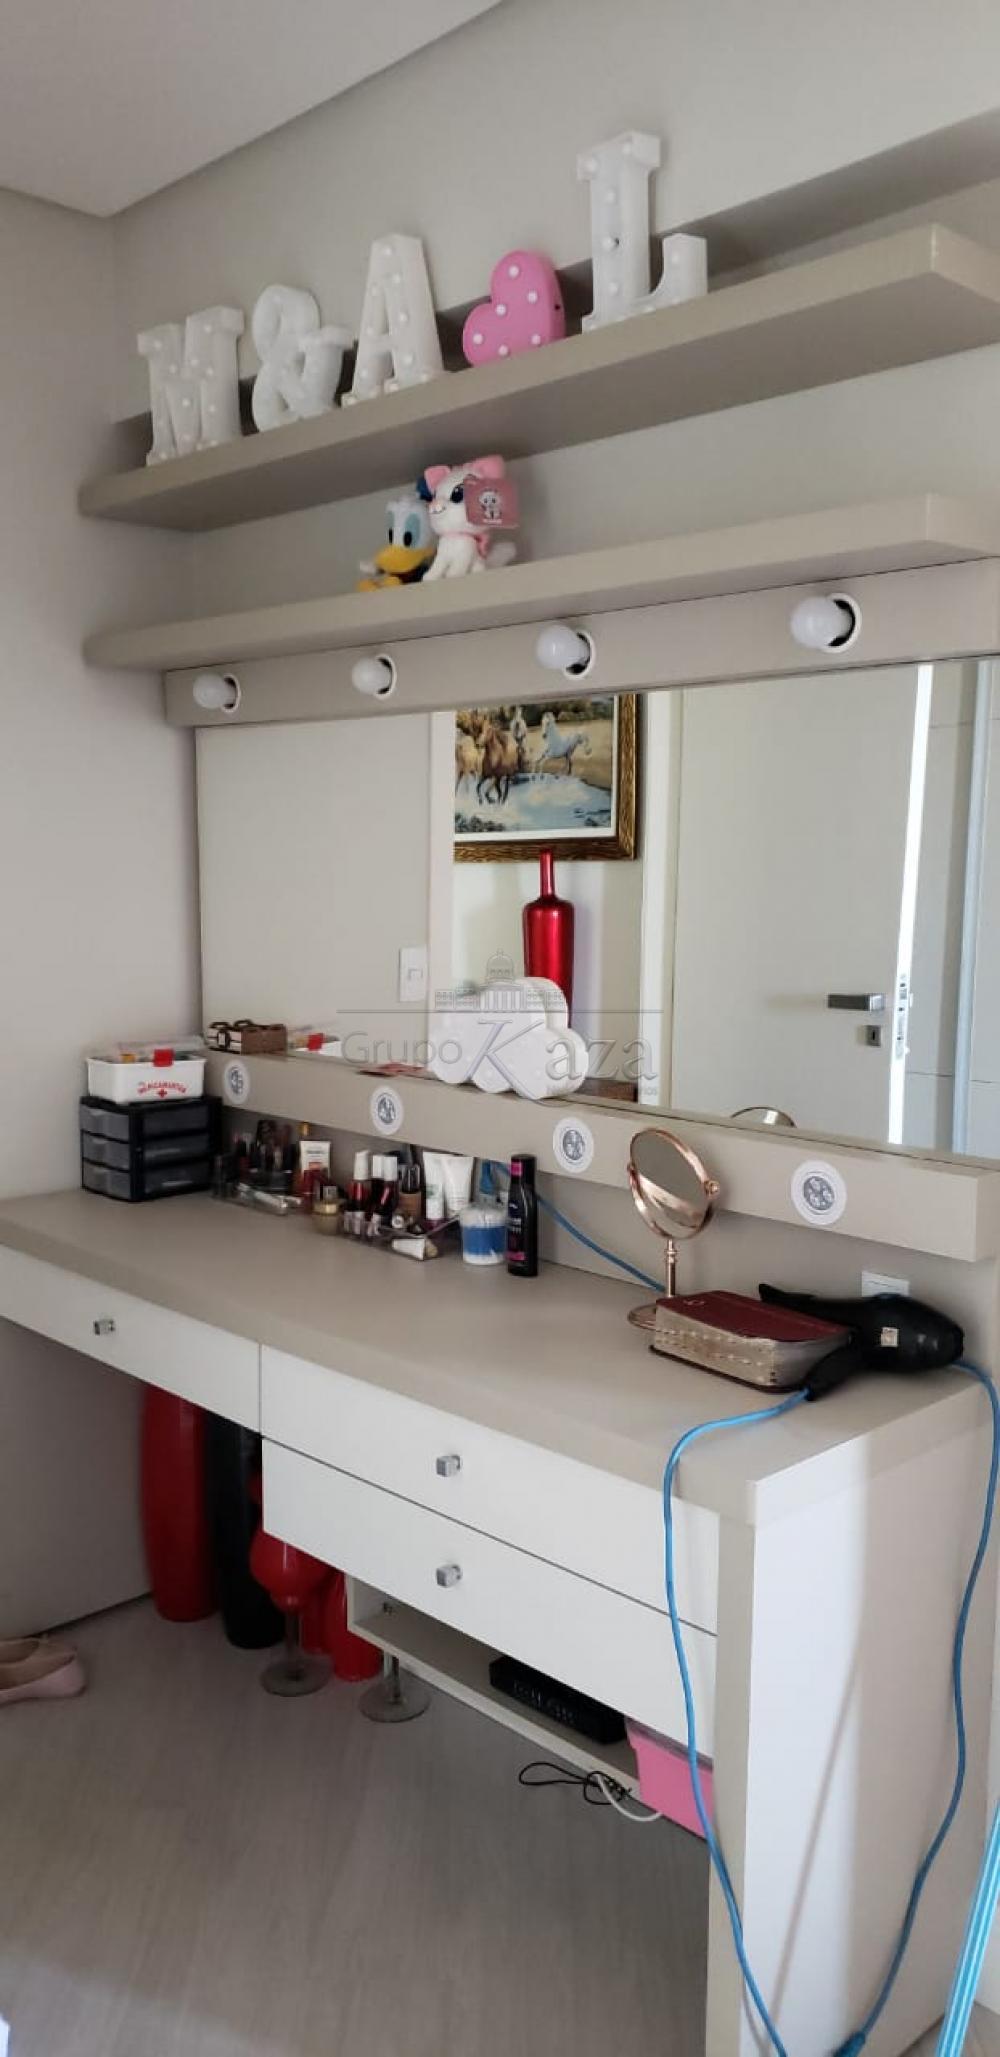 Alugar Apartamento / Padrão em São José dos Campos R$ 3.000,00 - Foto 28